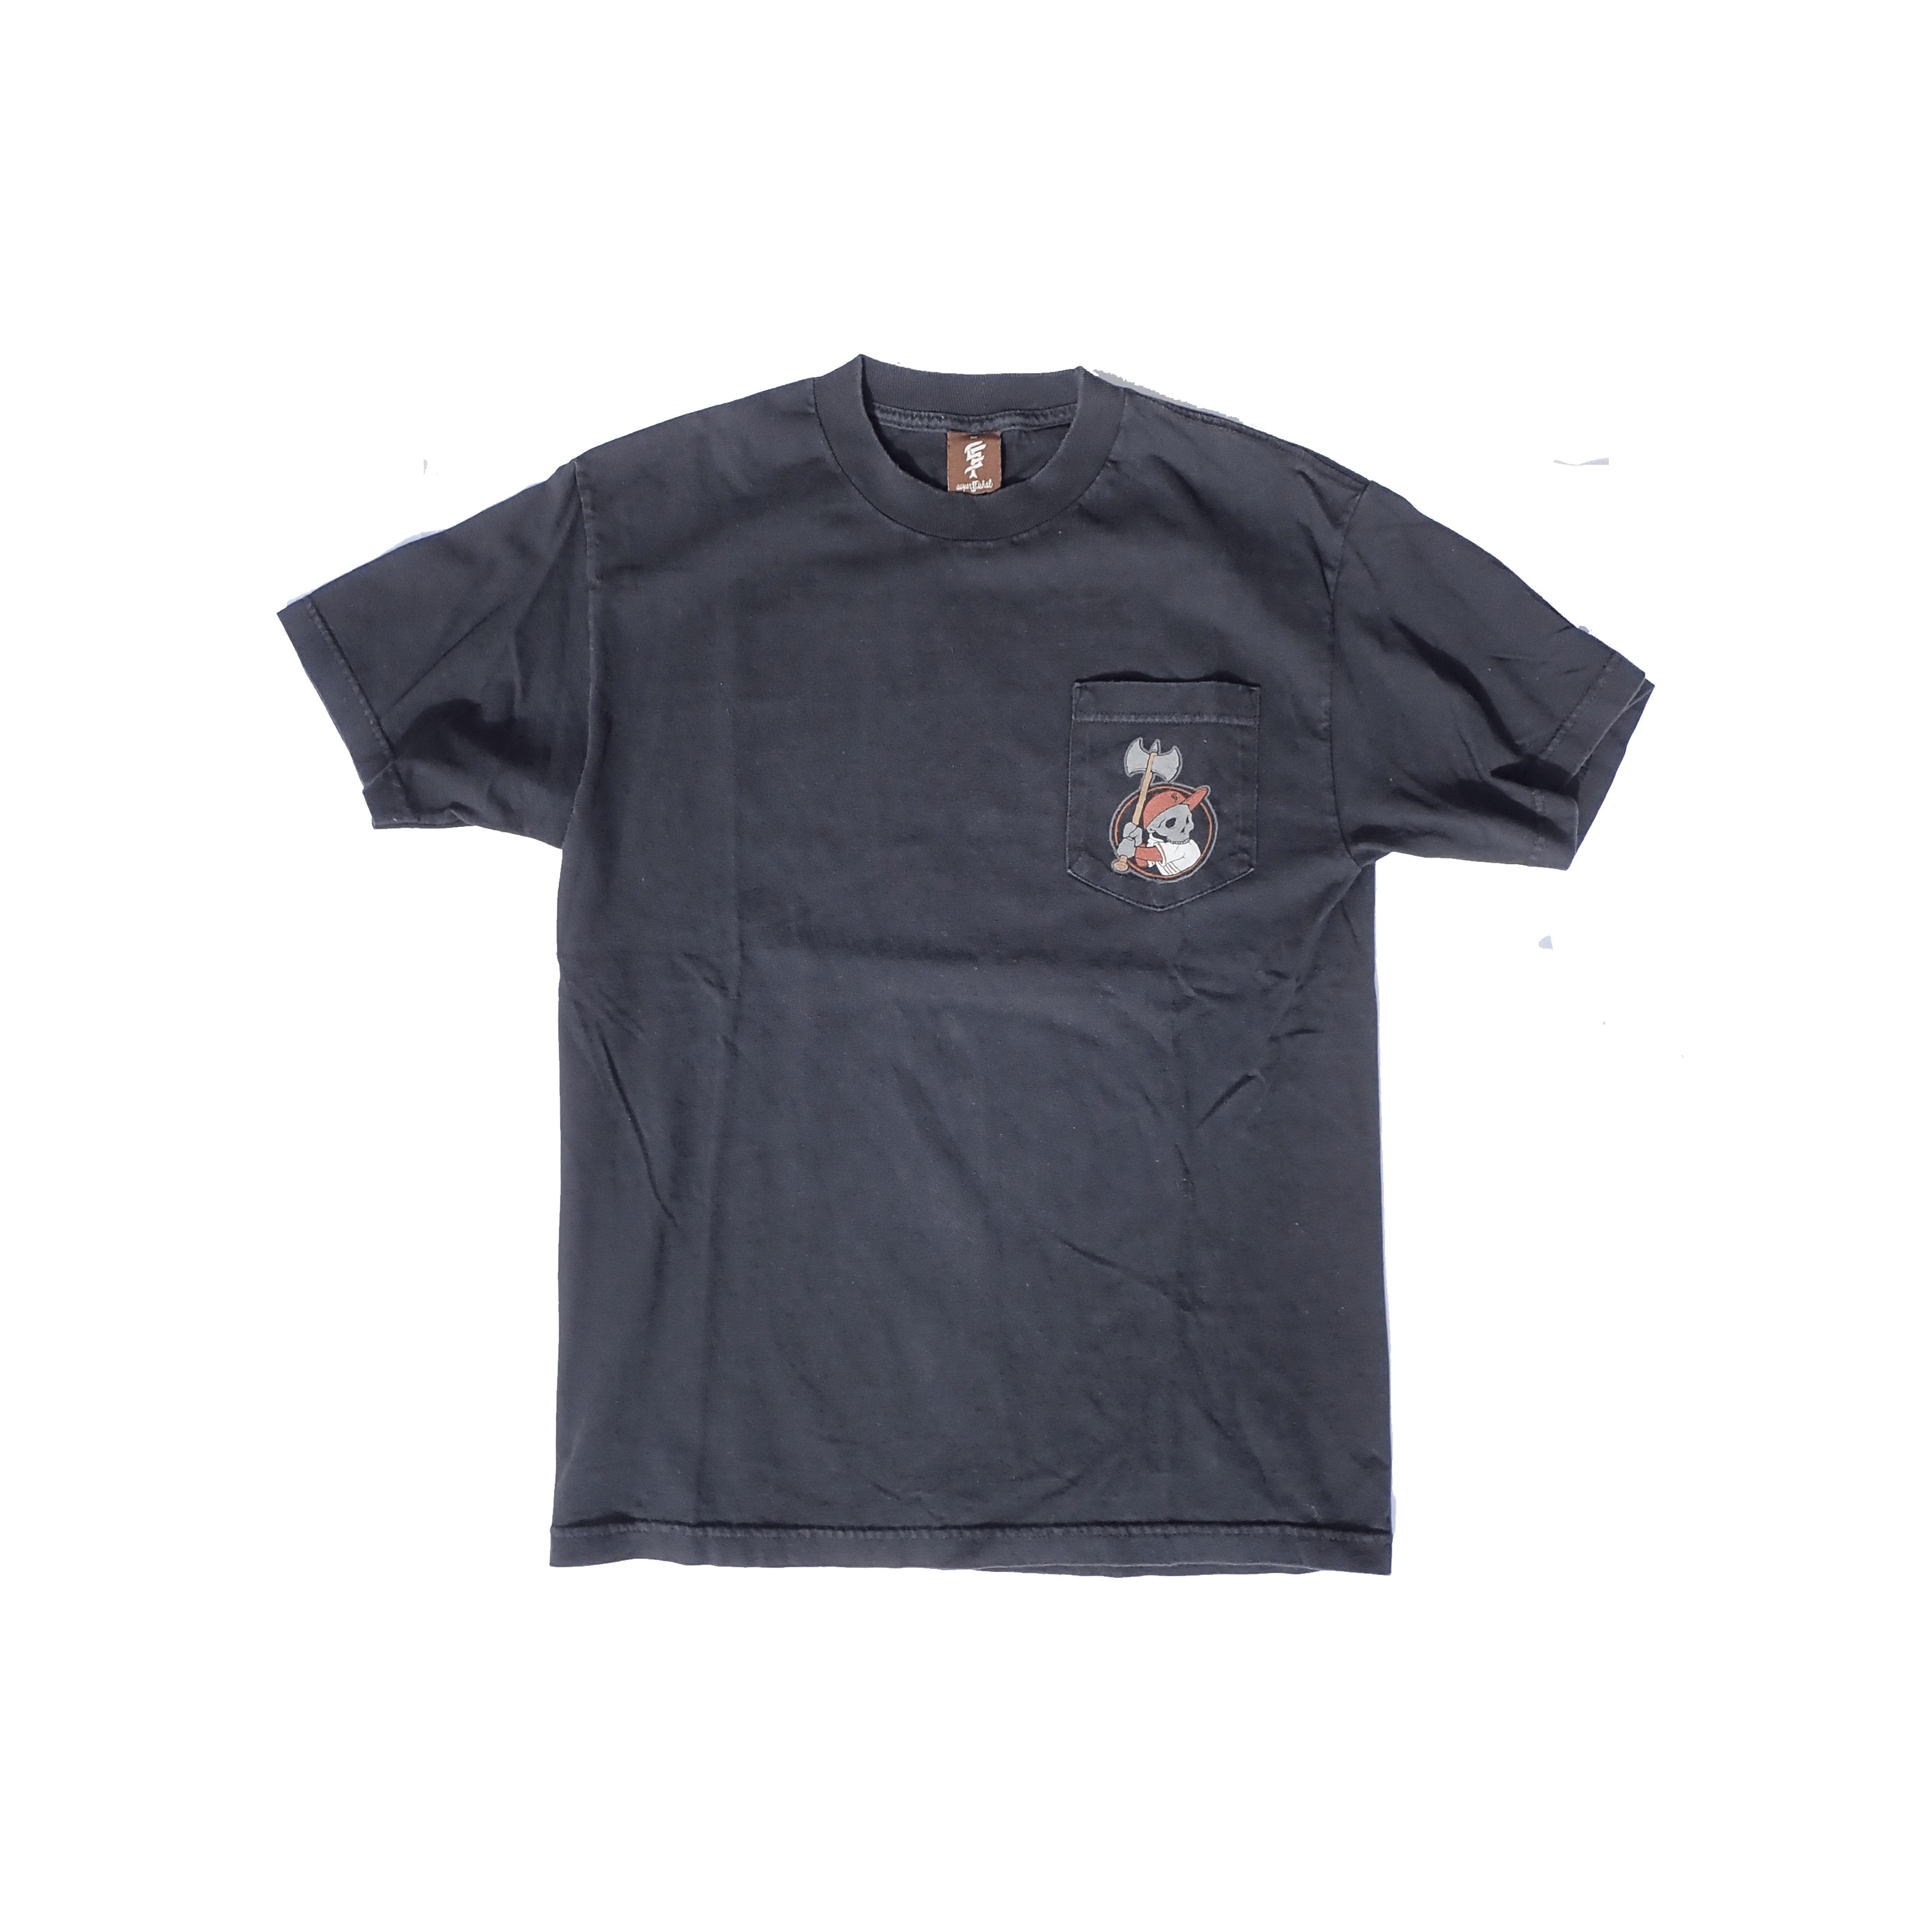 Superfishal Pocket Tshirt